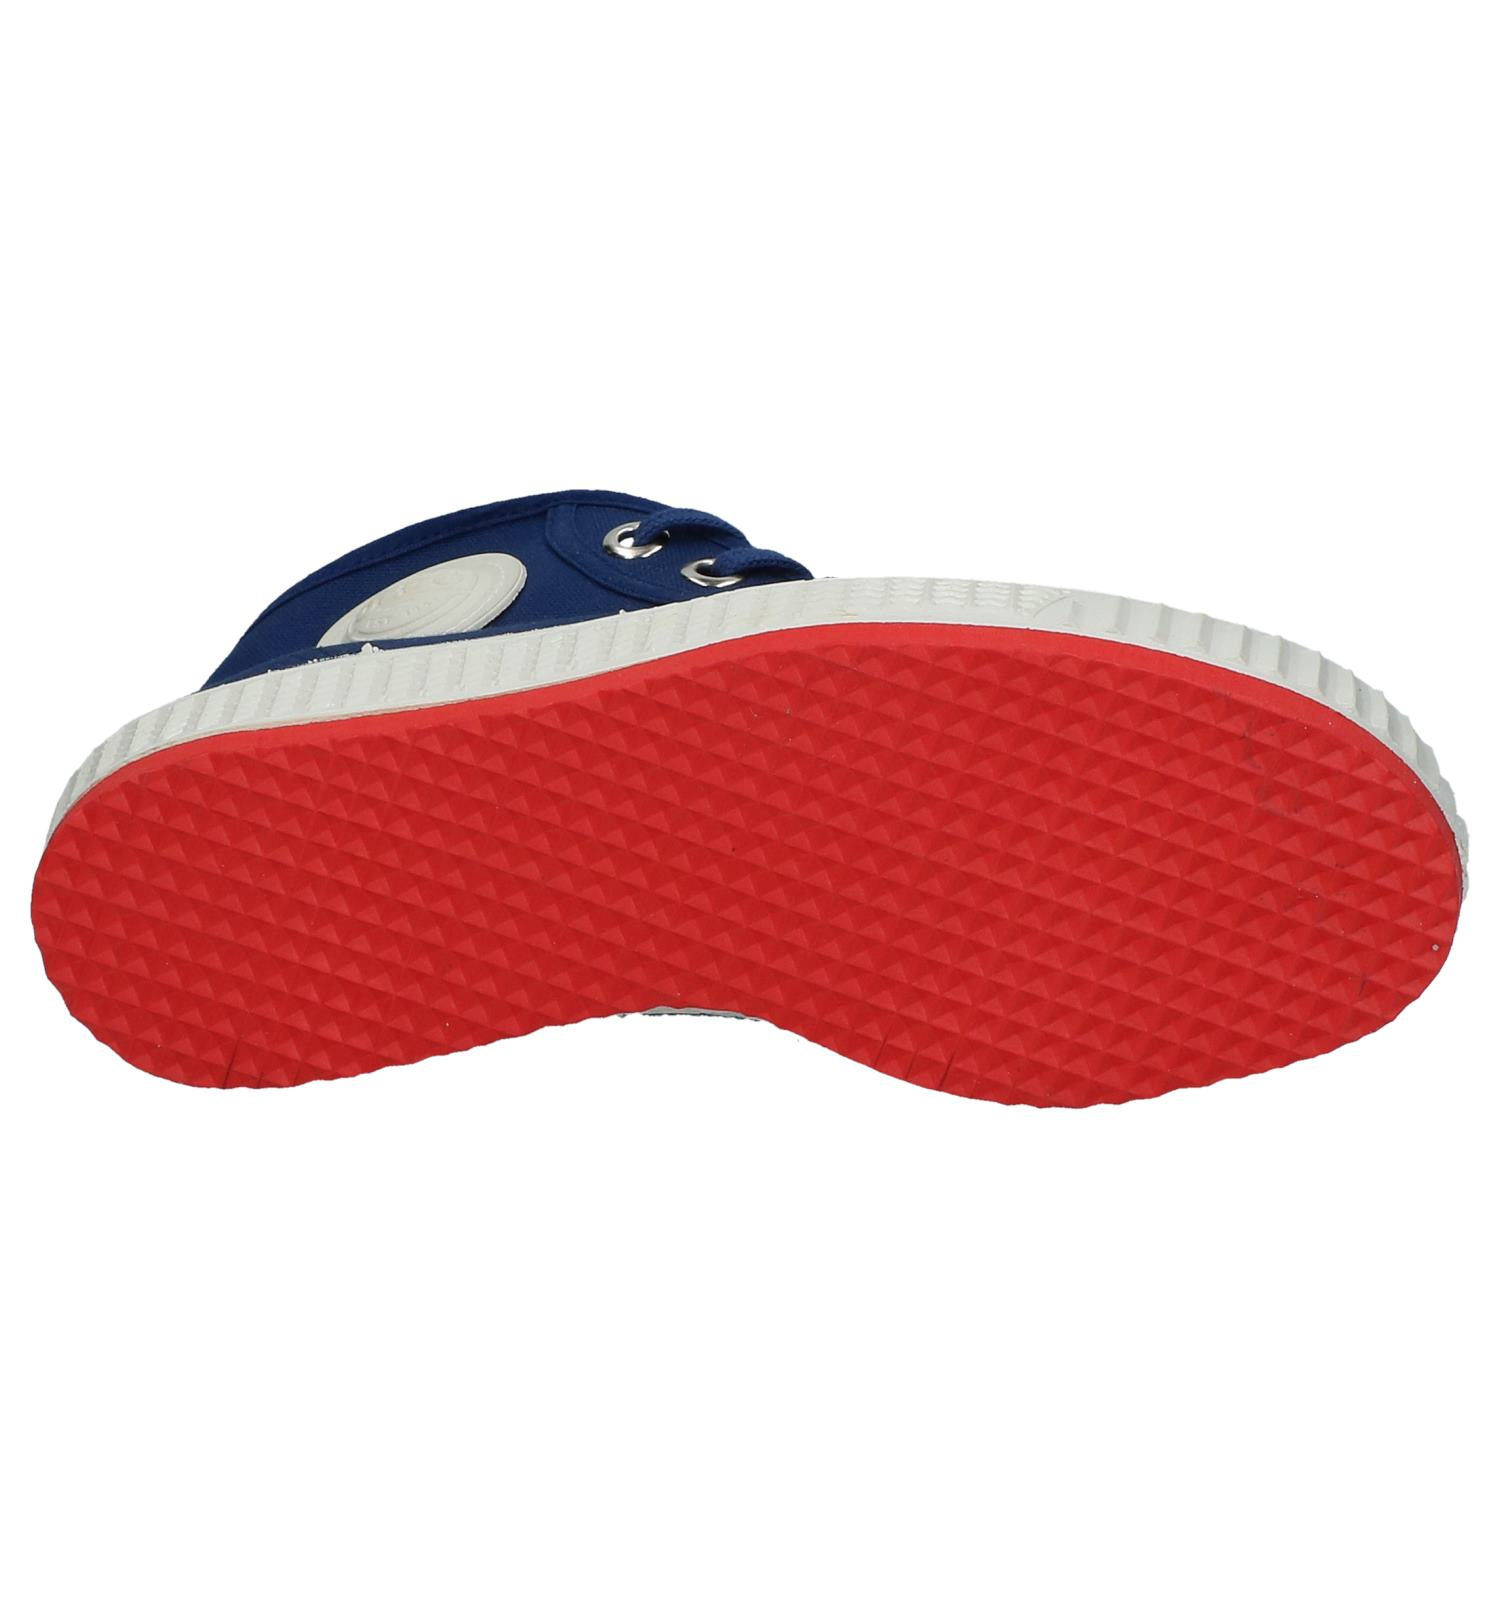 0051 0051 Hoge Sneakers 0051 Hoge Barvy Sneakers Donkerblauw Hoge Barvy Sneakers Barvy Donkerblauw XiuZPTwOk